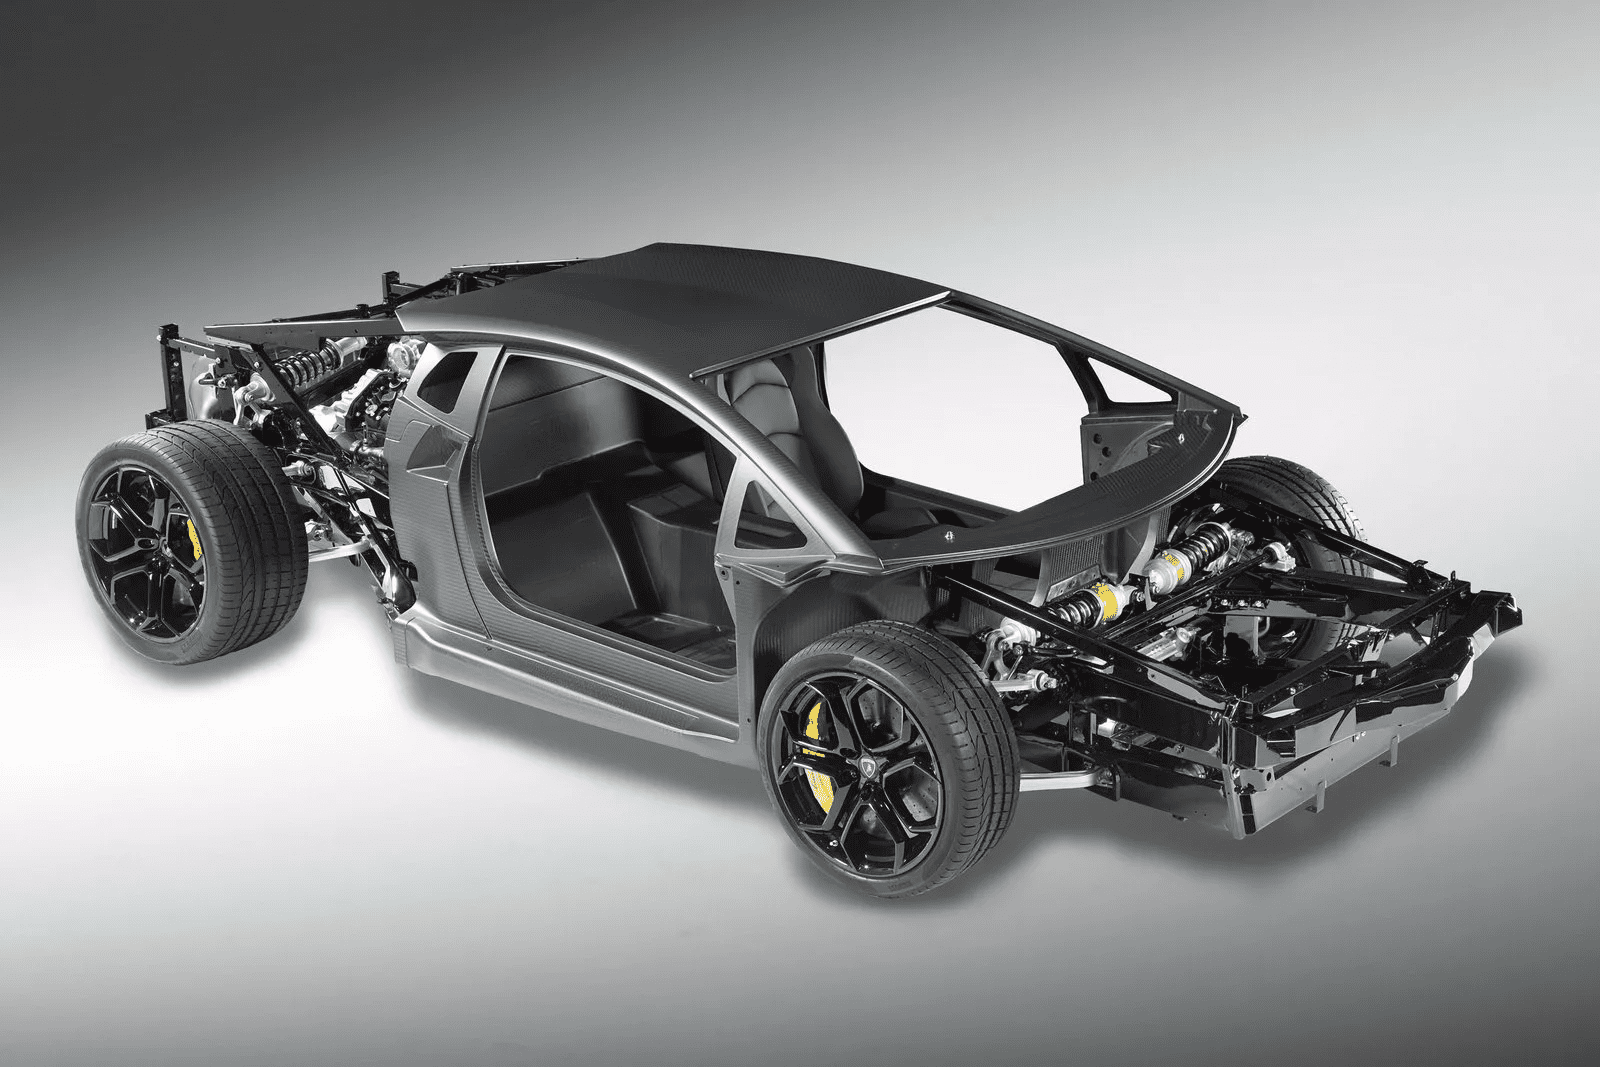 На фотографии монокок дорестайлингово Aventador.